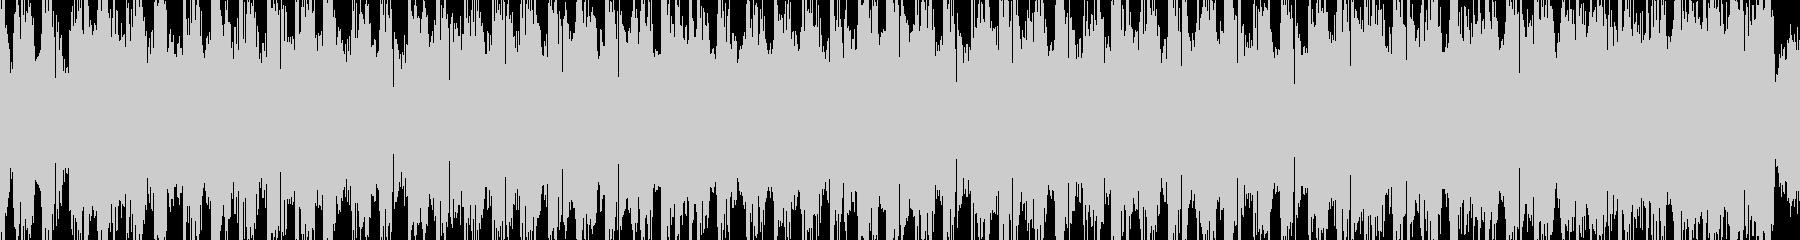 「クラブアンセム」タイプのダンス/...の未再生の波形